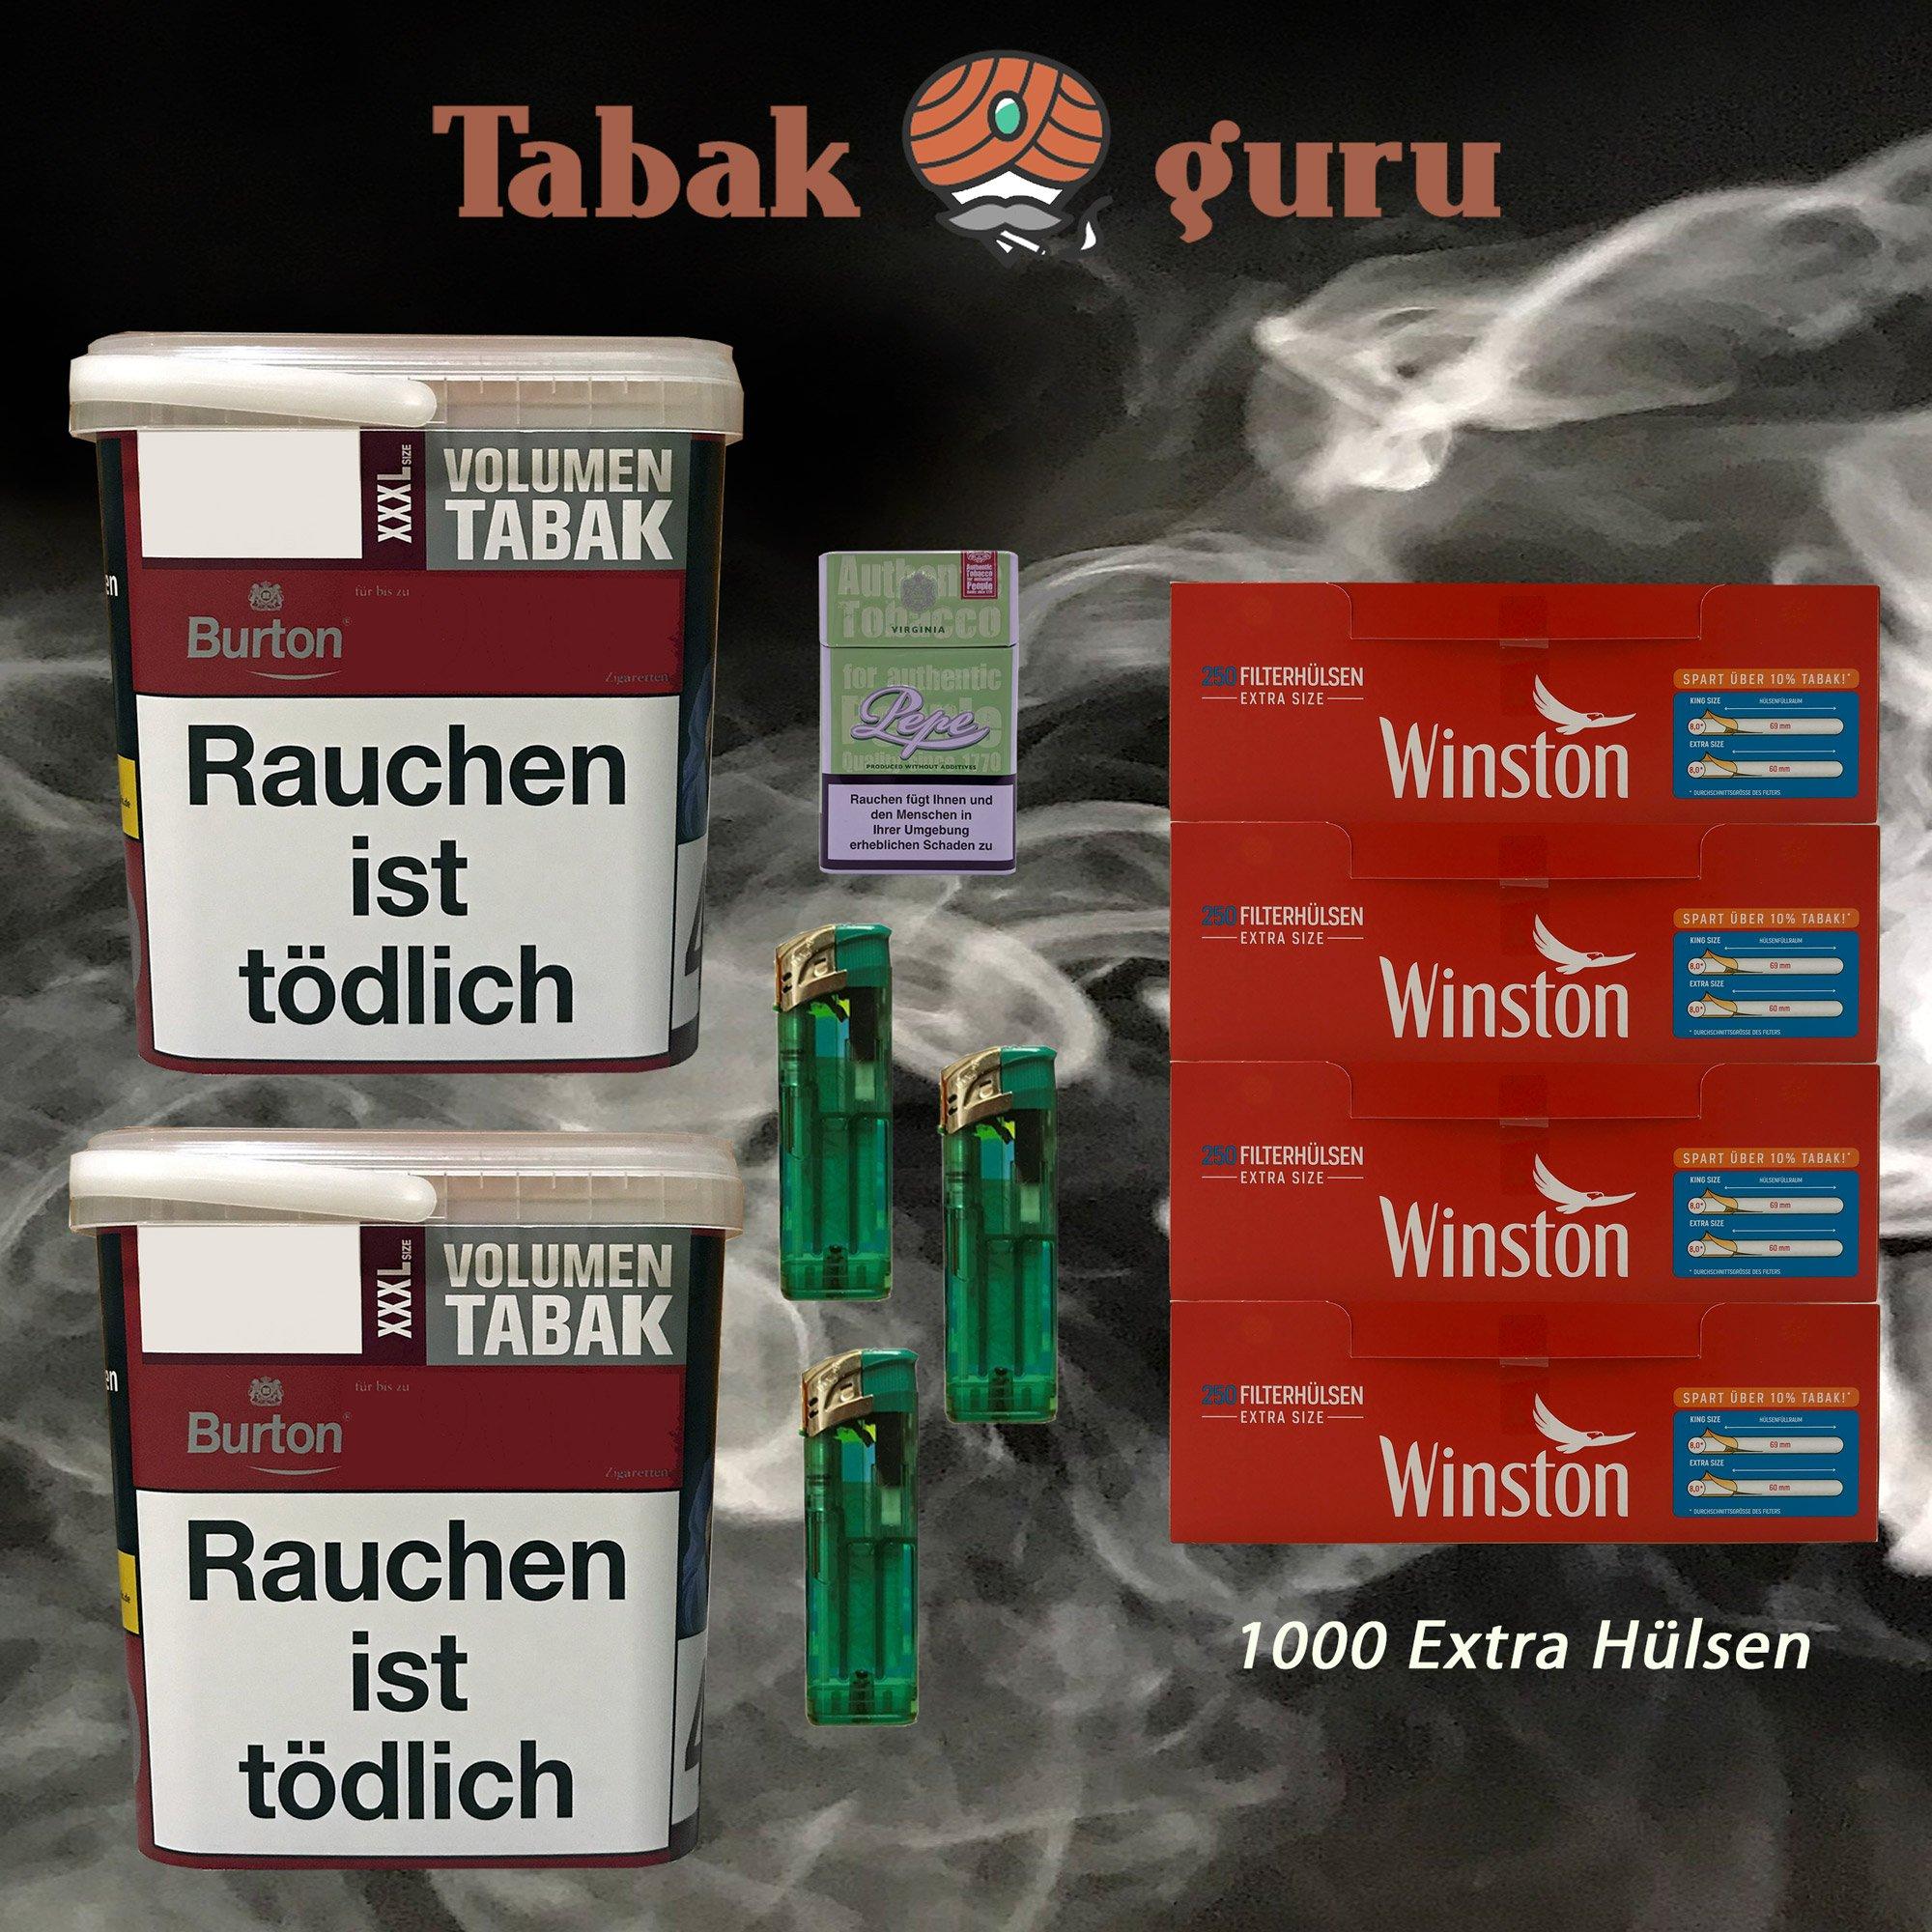 2x Burton Red Volumentabak / Zigarettentabak XXXL Eimer 370g + Winston Extra Hülsen